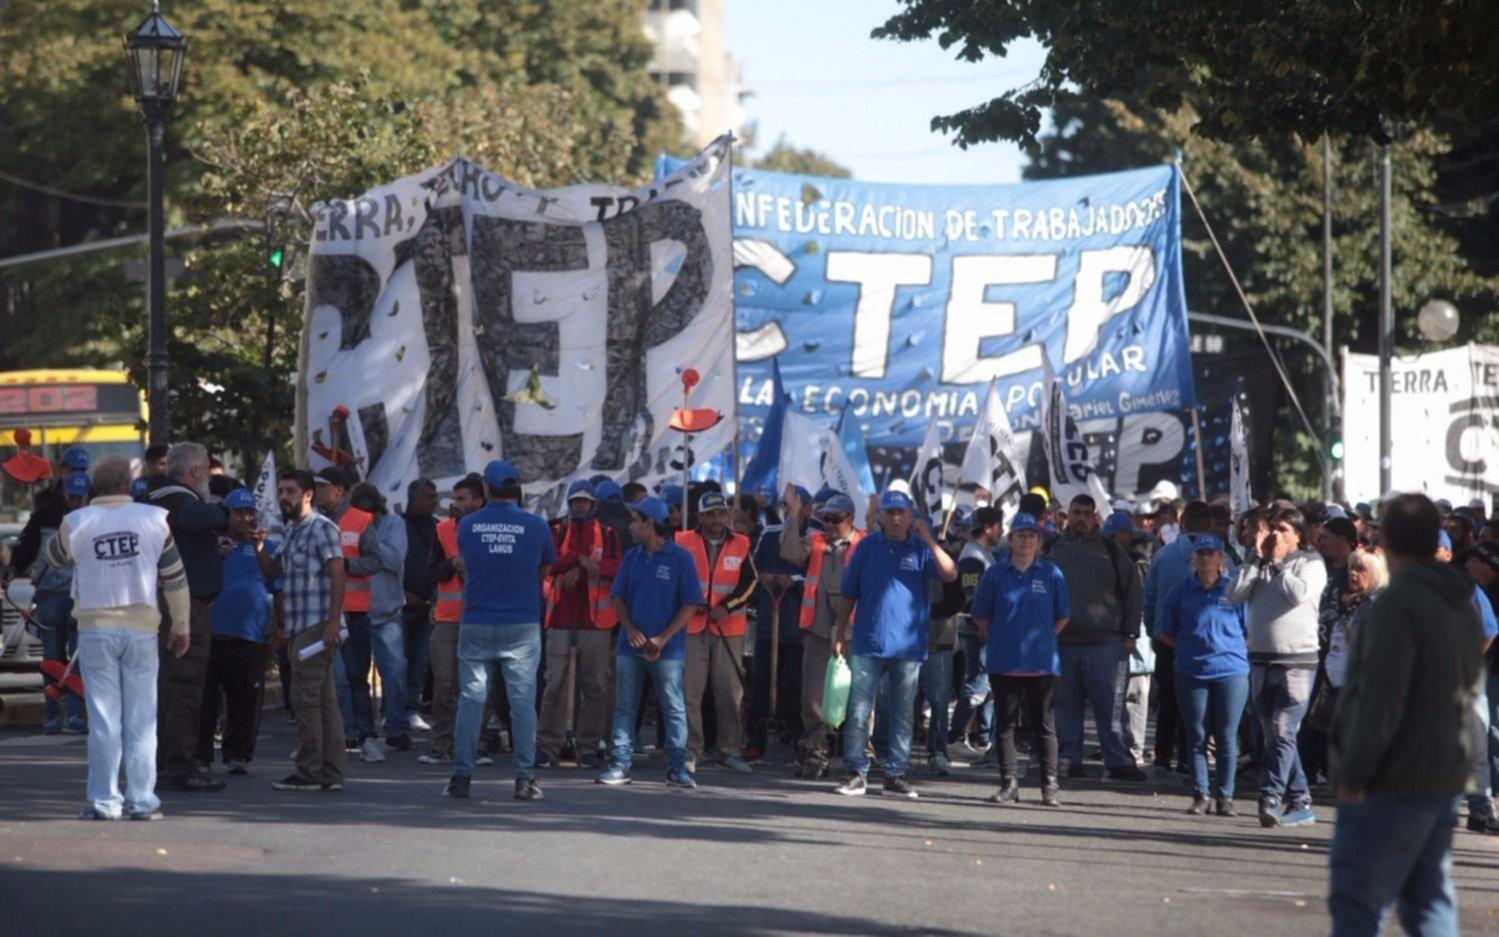 Los piqueteros vuelven a movilizarse el miércoles en el centro porteño